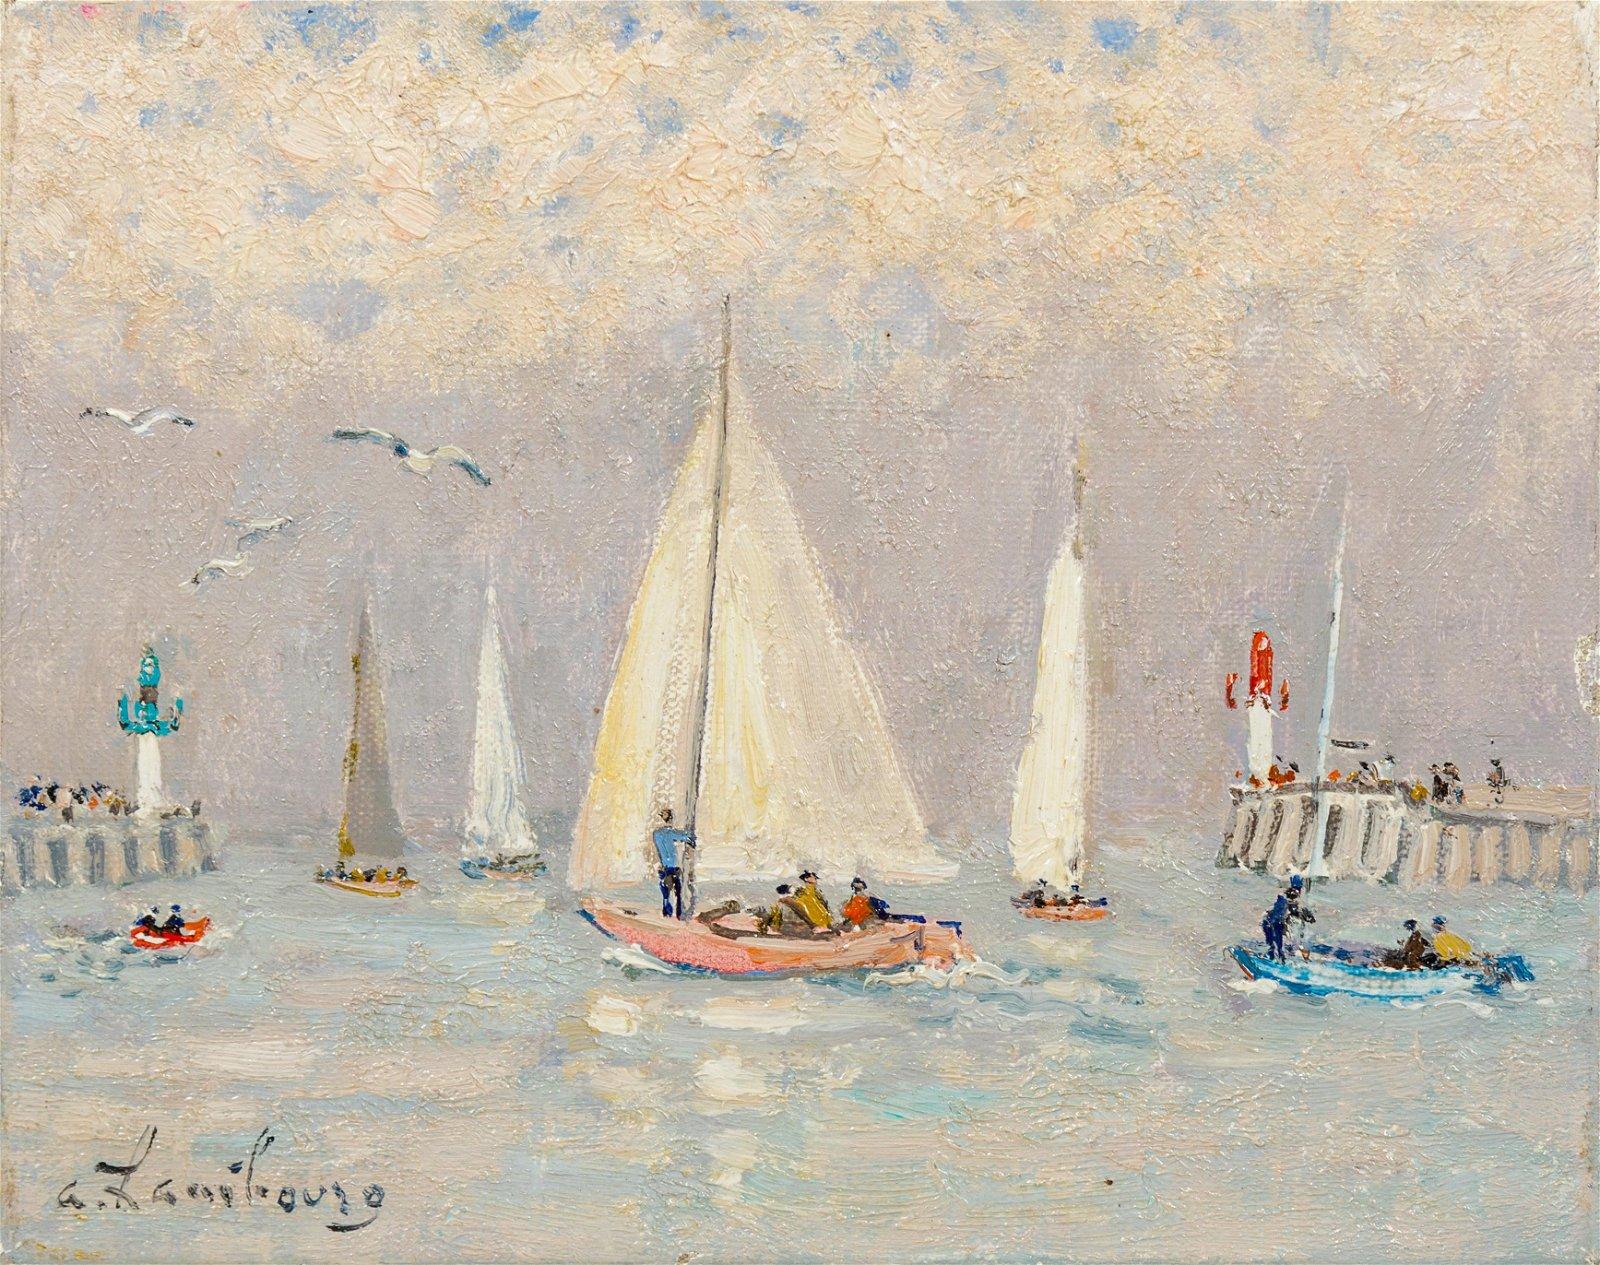 Andre Hambourg (French, 1909-1999) Sur la Touques